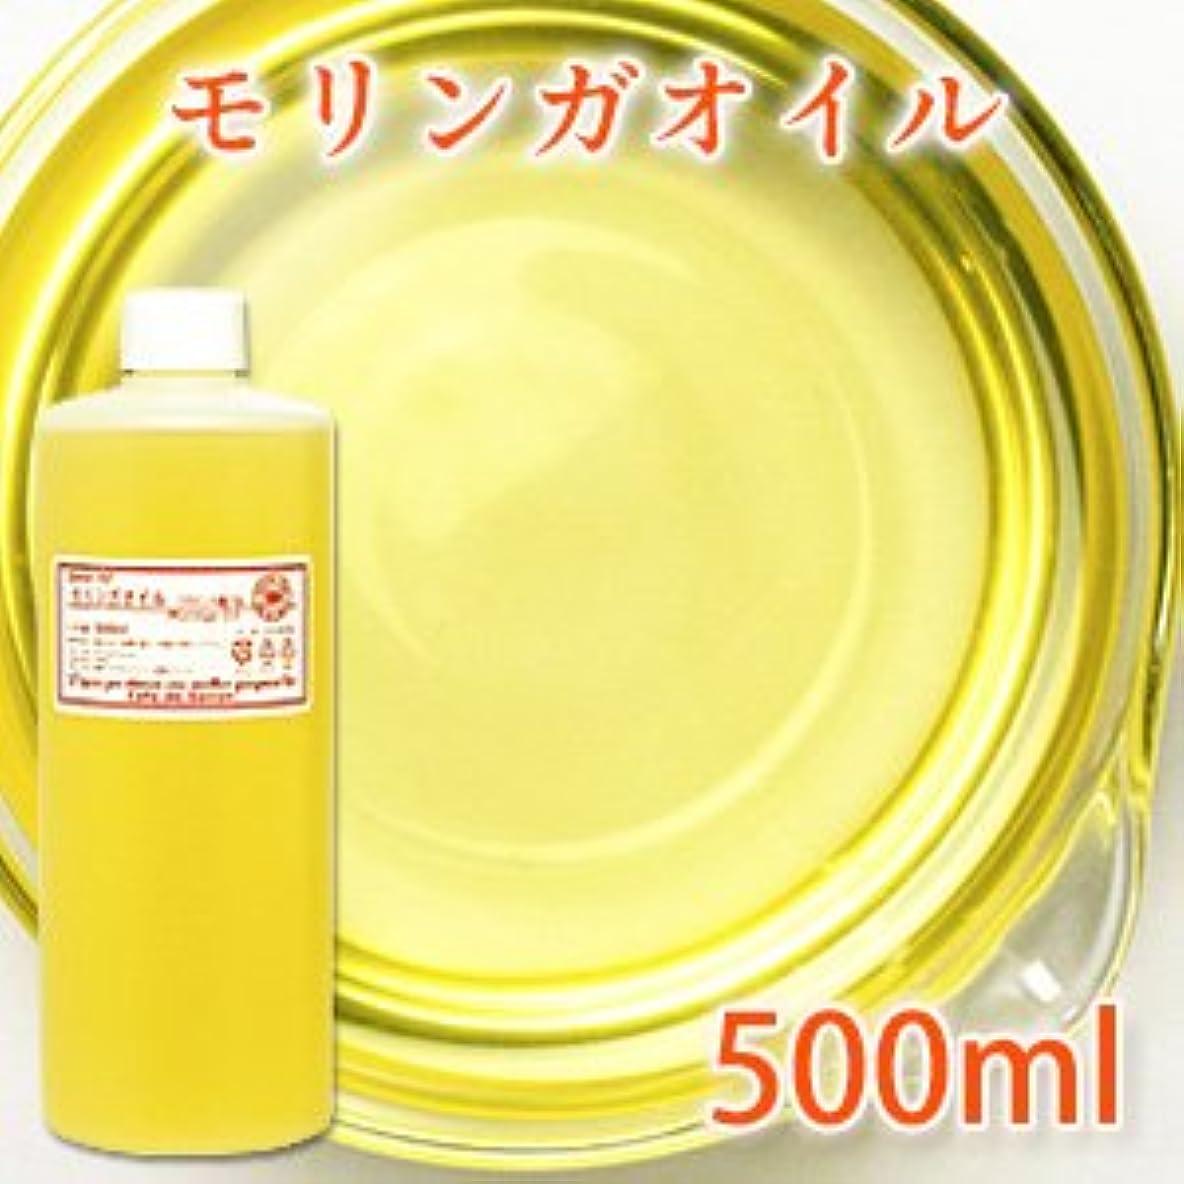 ストライプアルミニウム国際モリンガオイル 500ml 【手作り石鹸/手作りコスメ/美容オイル/キャリアオイル】